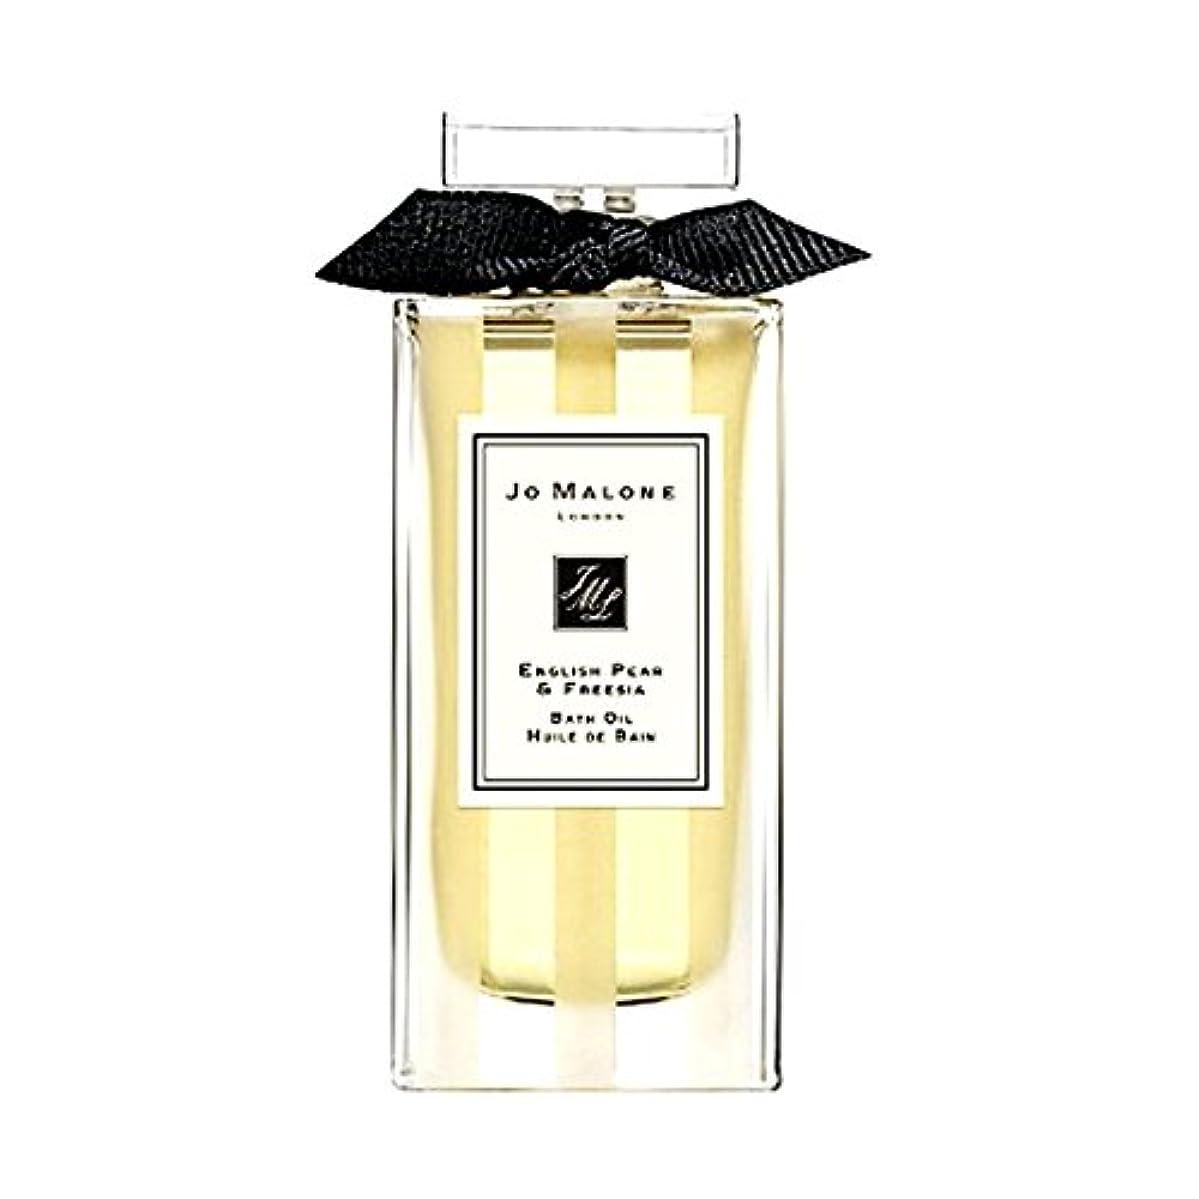 マウントバンク見分ける称賛Jo Maloneジョーマローン, バスオイル -英語梨&フリージア (30ml),' English Pear & Freesia' Bath Oil (1oz) [海外直送品] [並行輸入品]